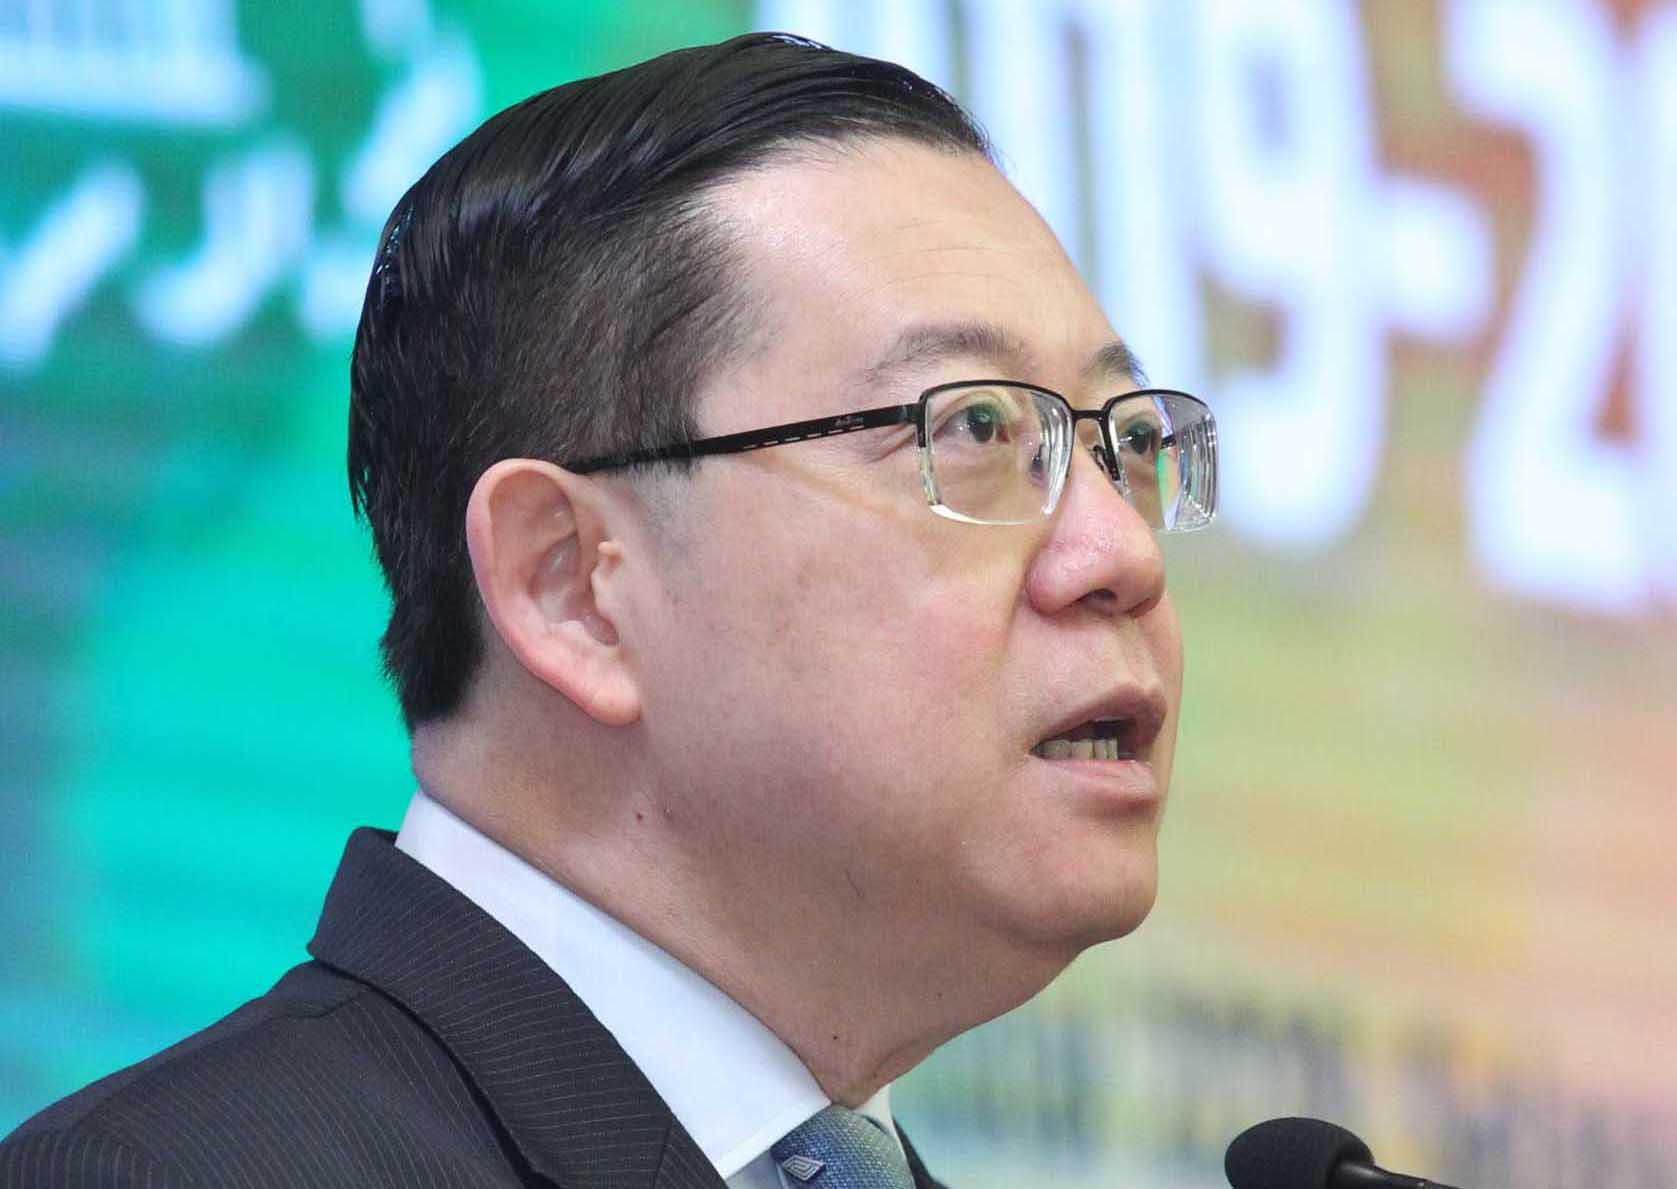 林冠英:政府增加580亿债务 以履行现有承诺